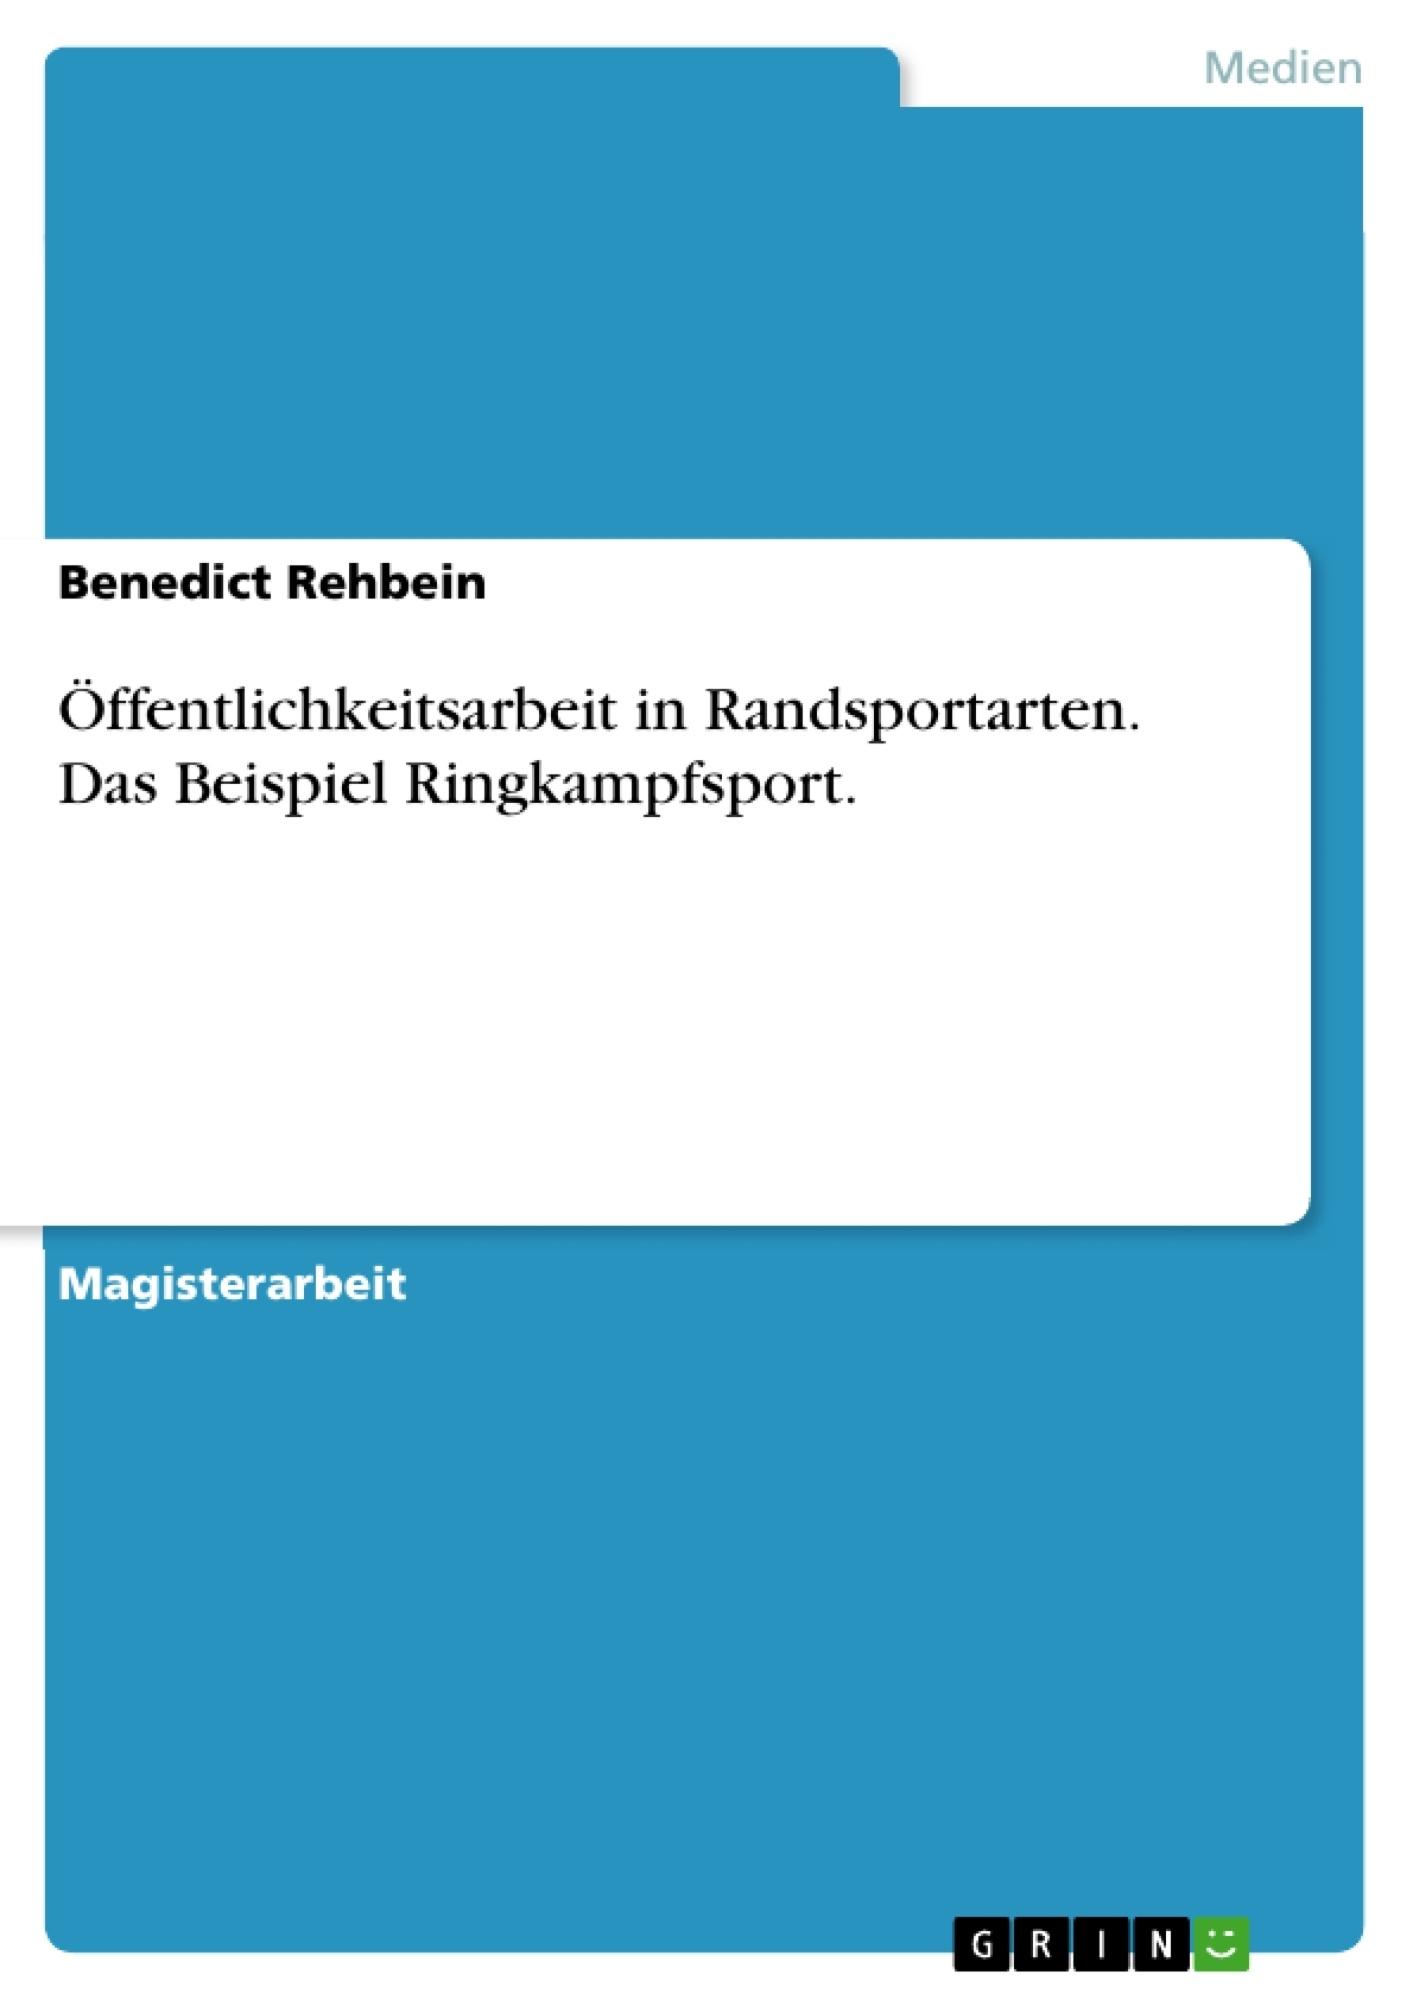 Titel: Öffentlichkeitsarbeit in Randsportarten. Das Beispiel Ringkampfsport.